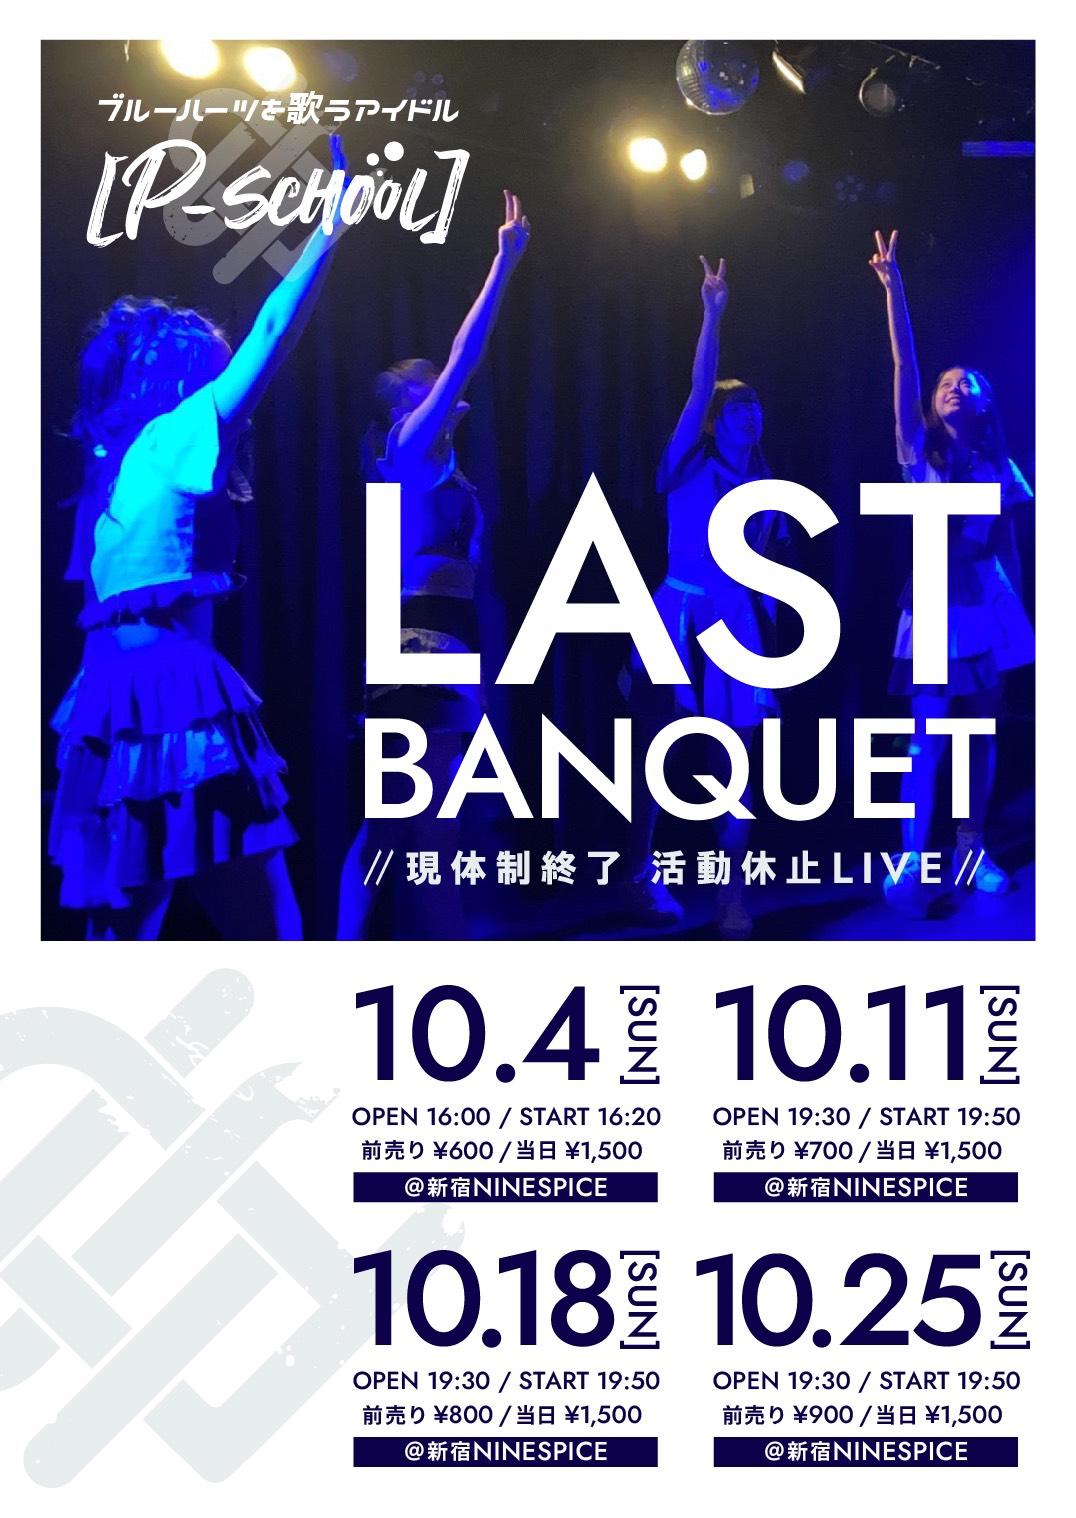 -LAST BANQUET- 初日(現体制終了活動休止LIVE)